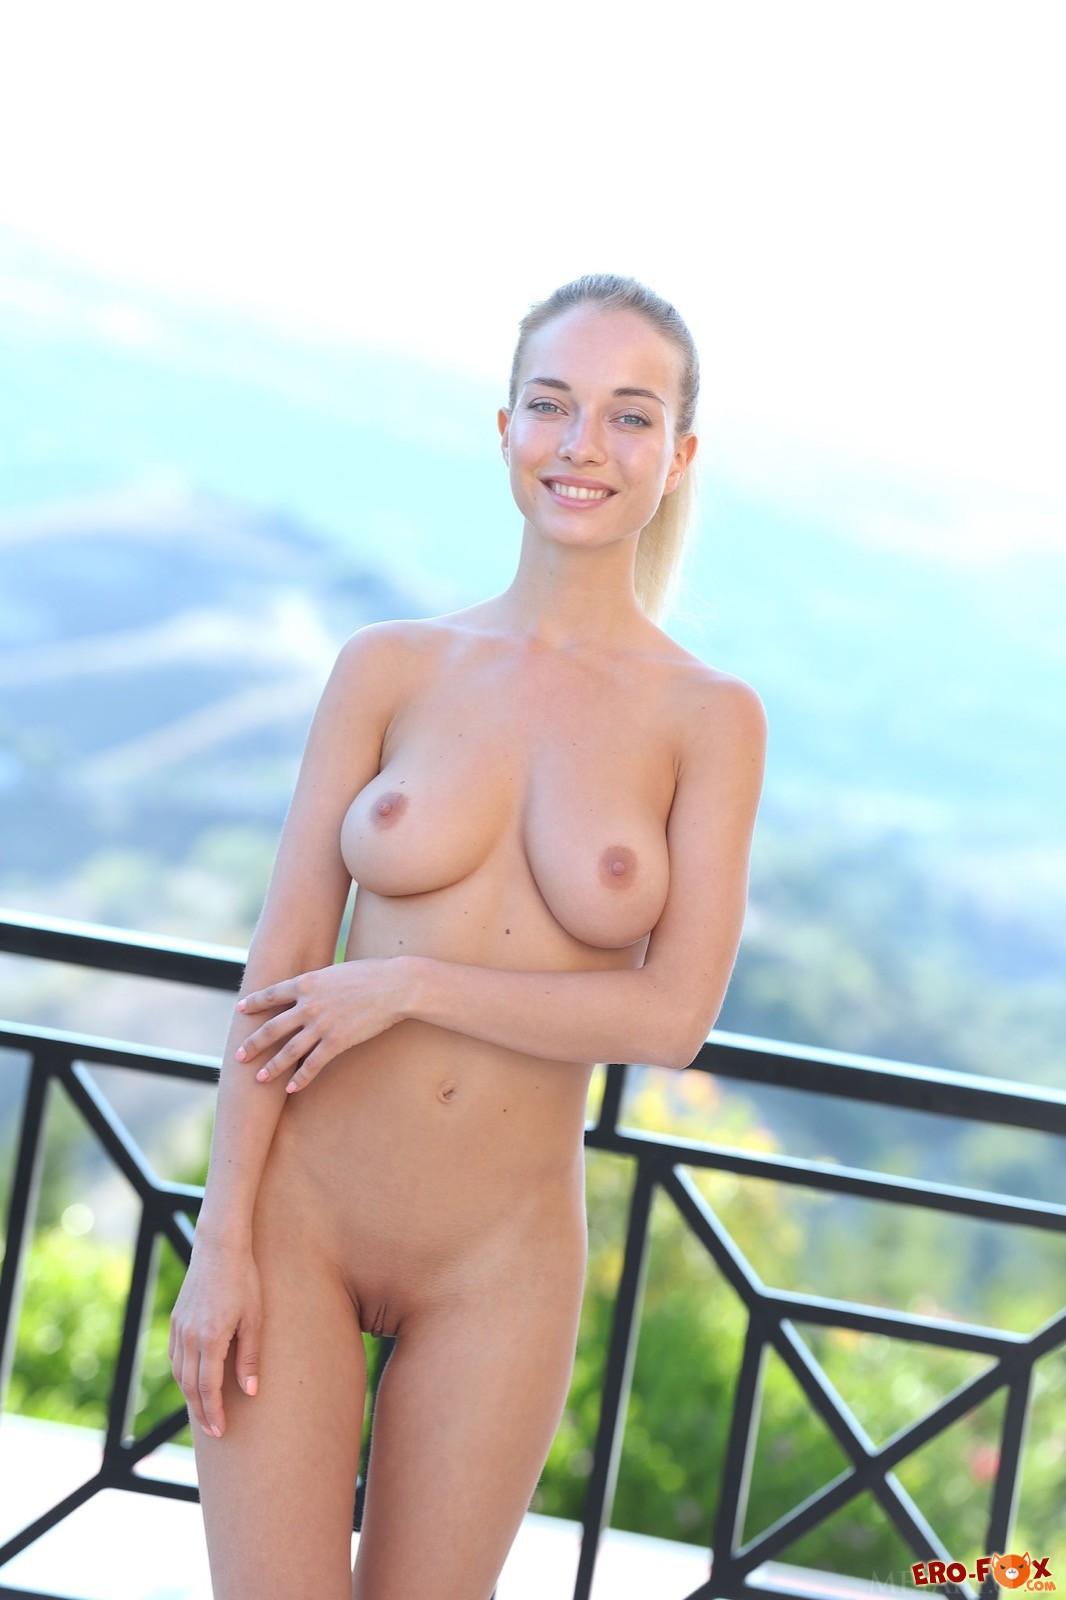 Симпатичная девушка стягивает нижнее бельё на балконе - фото